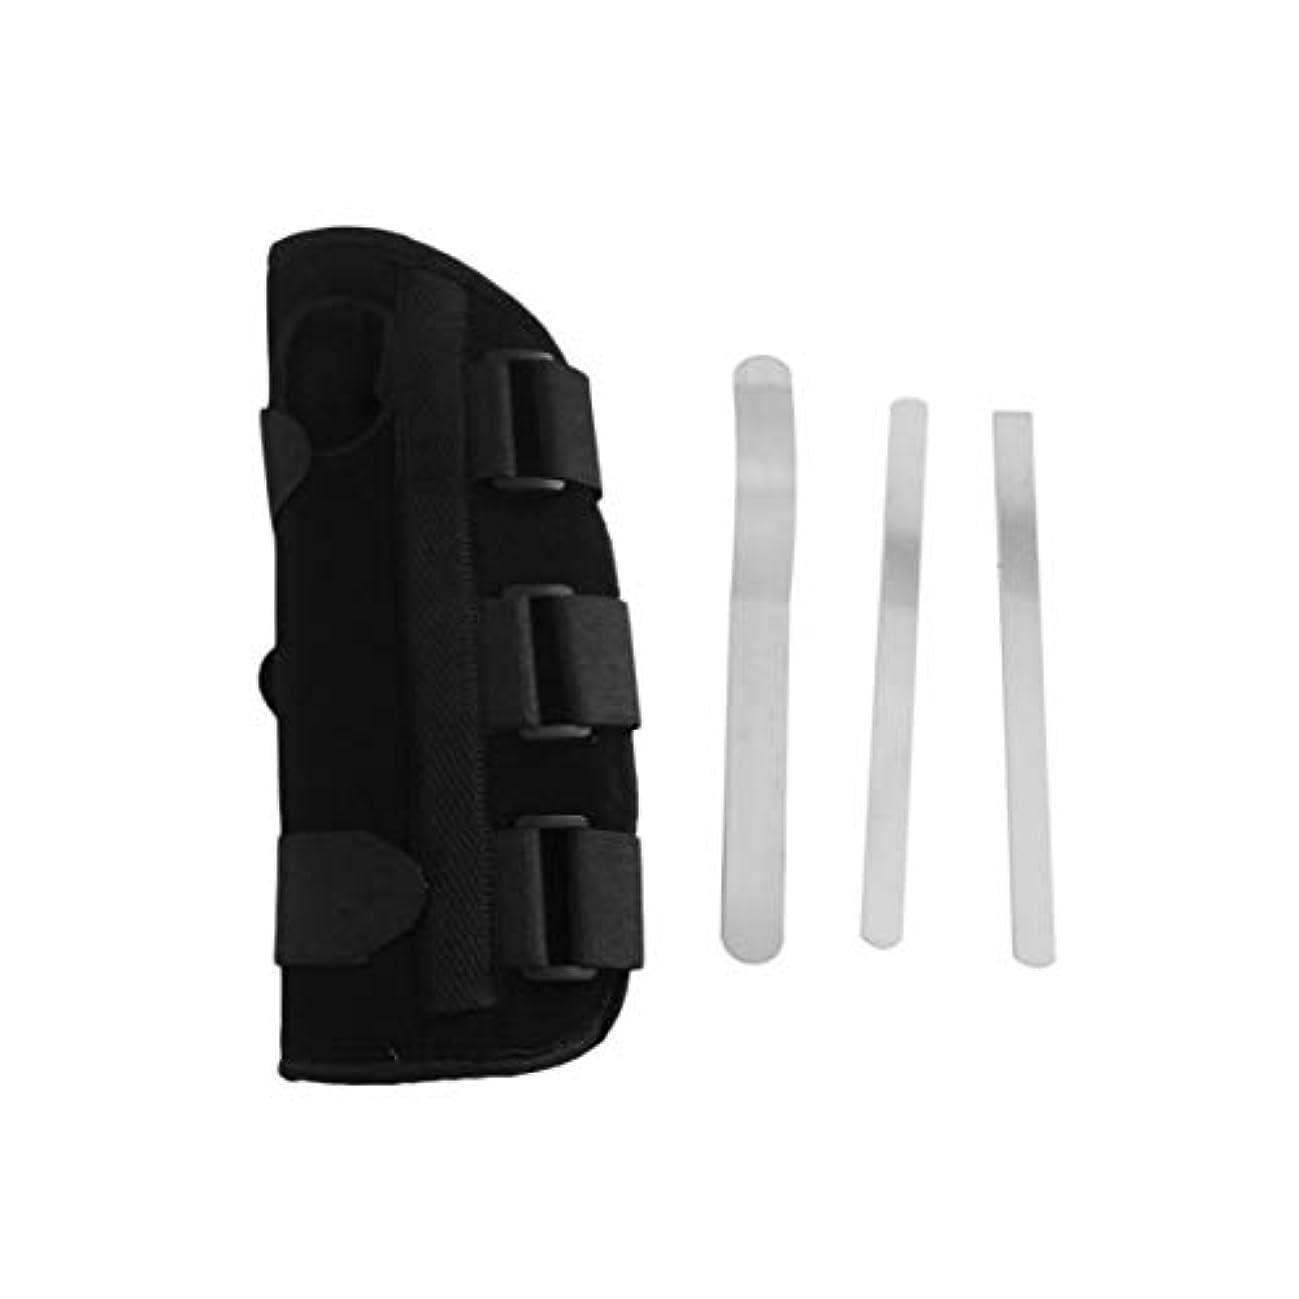 大臣それ拳手首副木ブレース保護サポートストラップカルペルトンネルCTS RSI痛み軽減取り外し可能な副木快適な軽量ストラップ - ブラックS